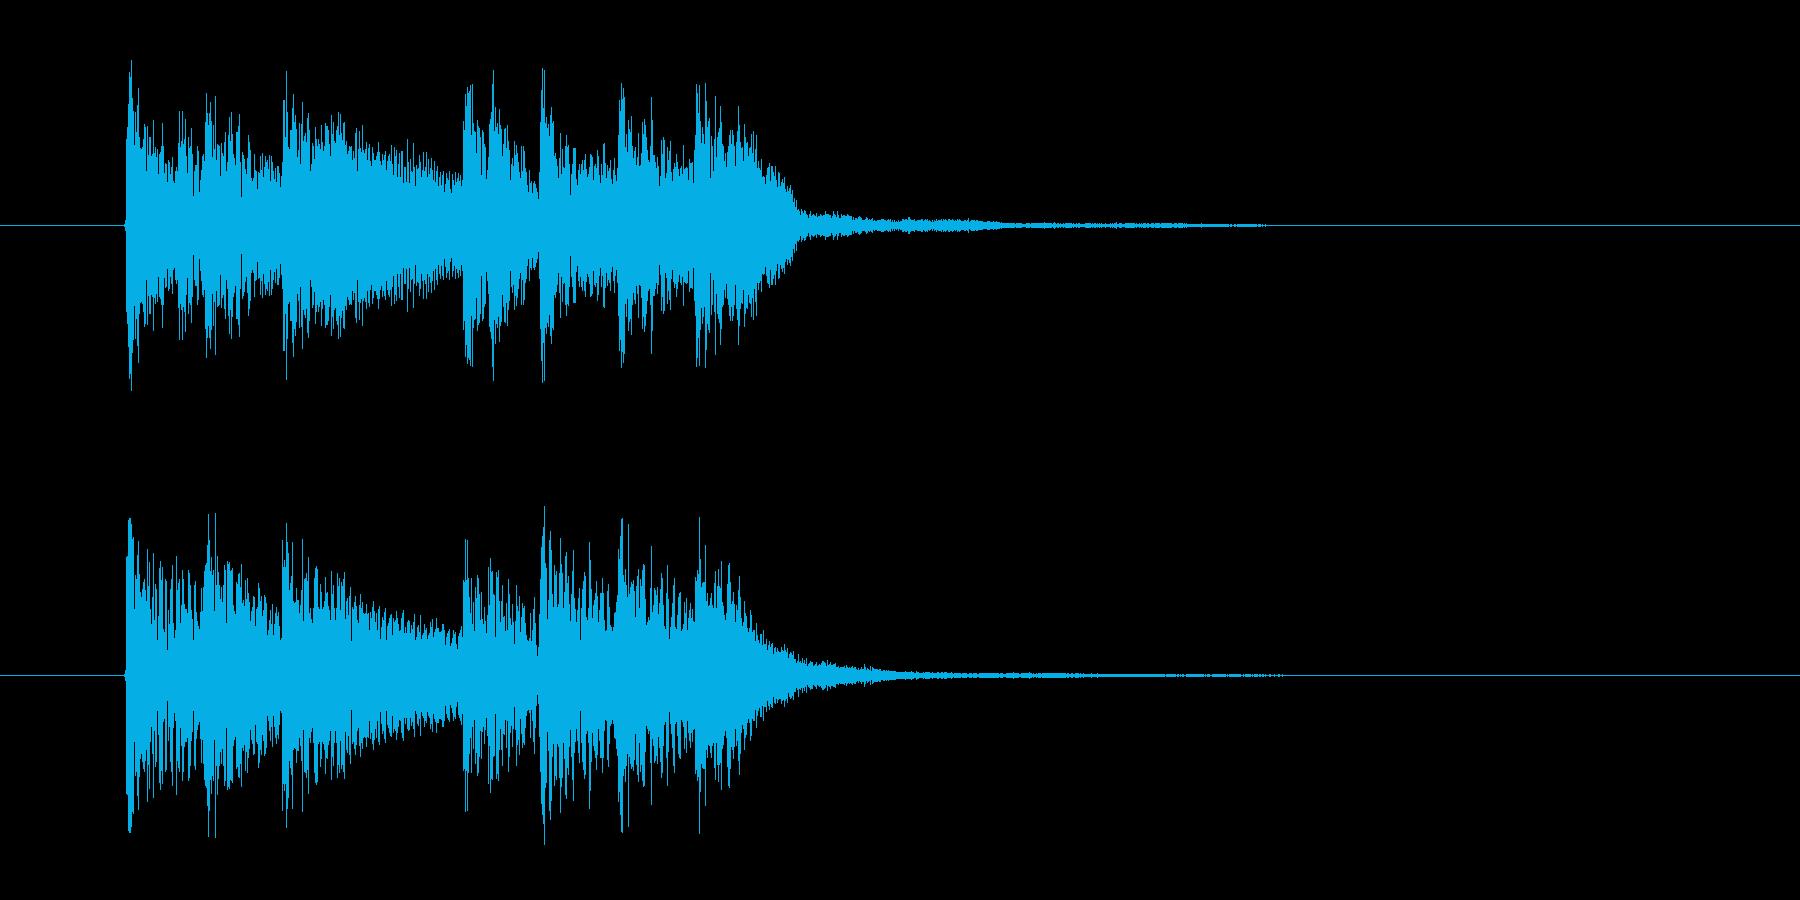 シリアスで勢いのあるシンセサウンドの再生済みの波形